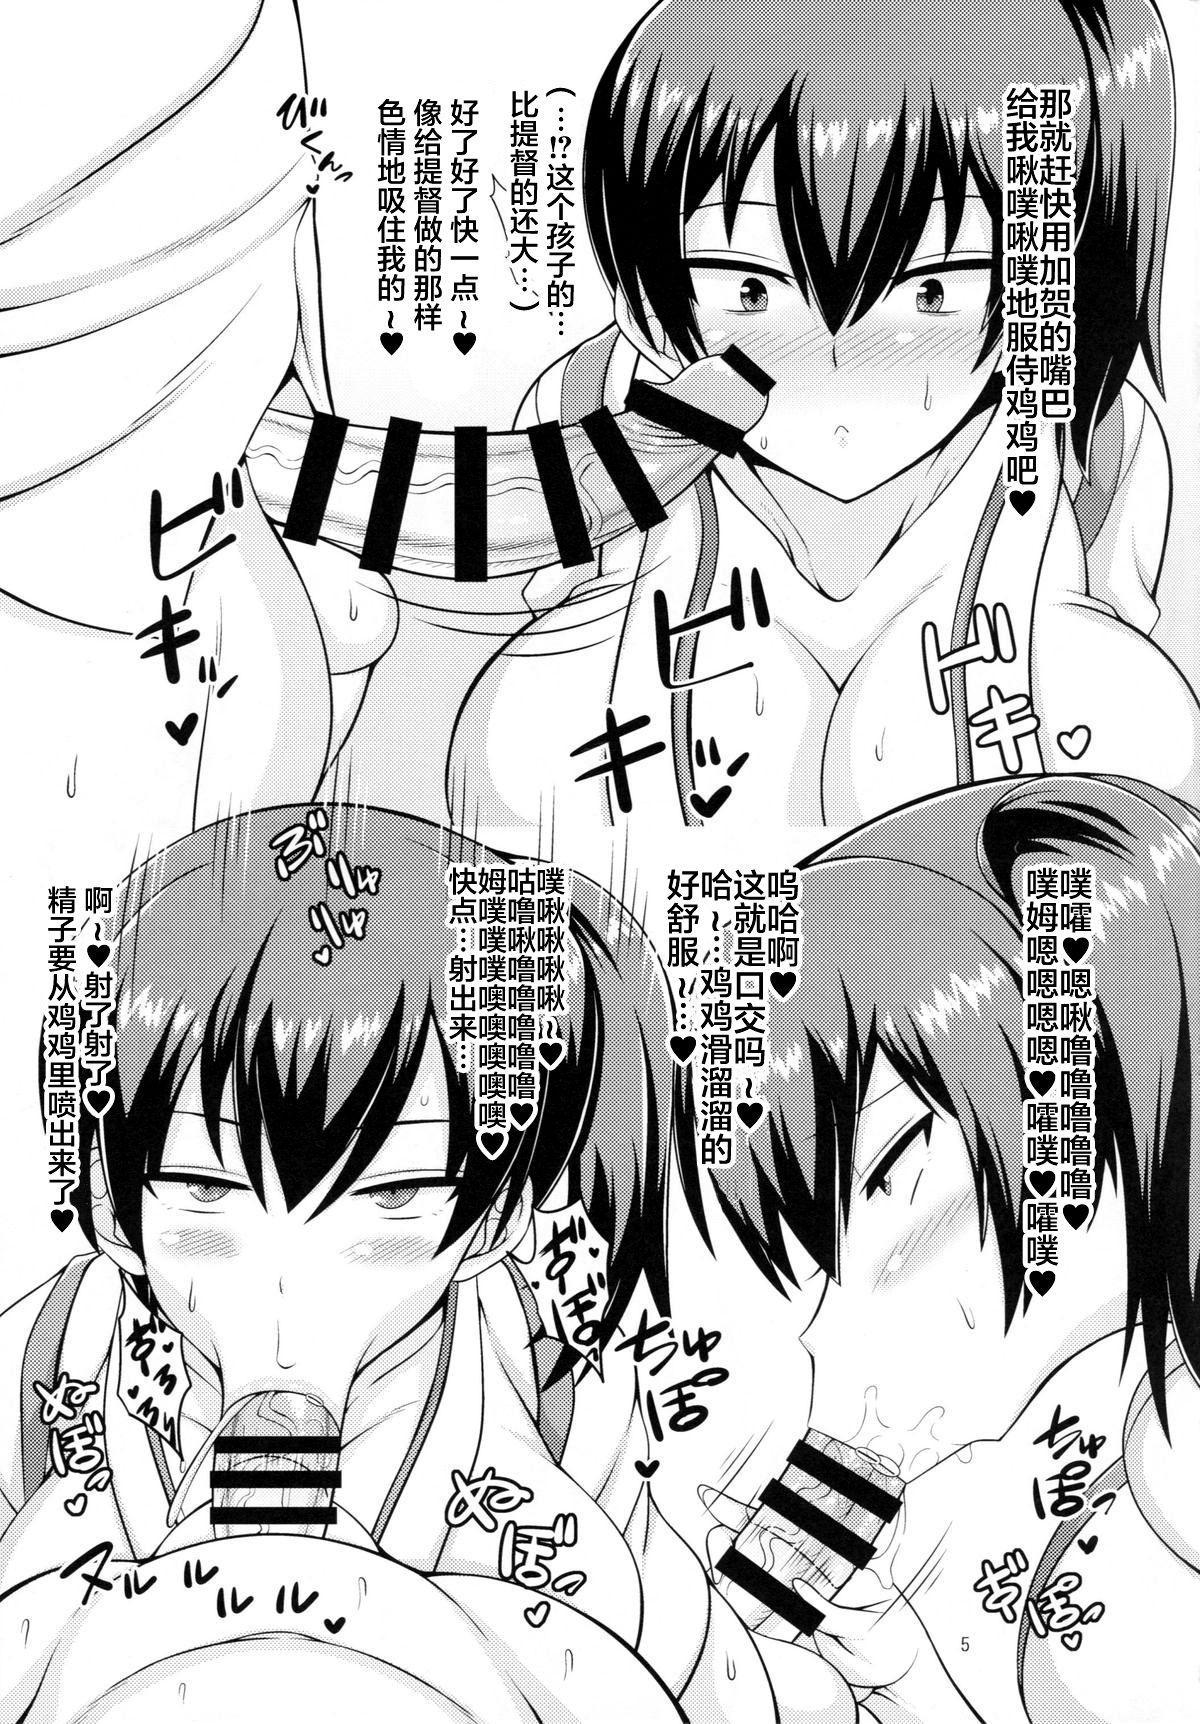 Kaga-san ga ShotaChin de Nhoo♥ suru Hon Kai 5